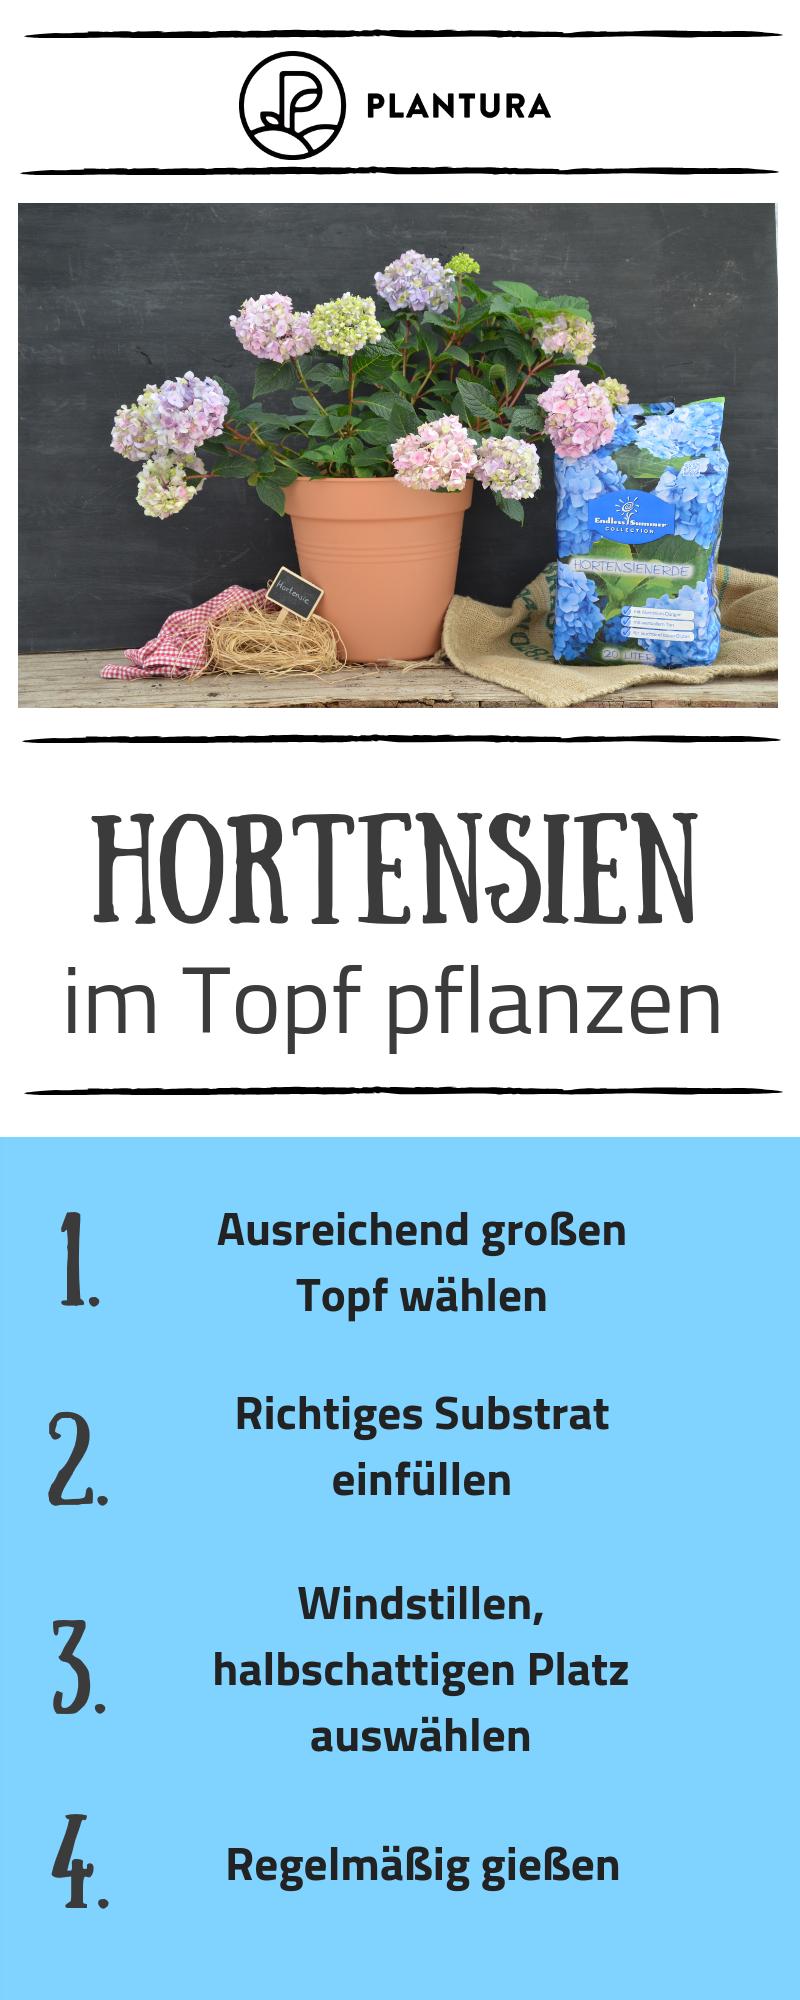 Hortensien Expertentipps Zum Pflanzen Pflegen Schneiden Pflanzen Hortensien Hortensien Garten